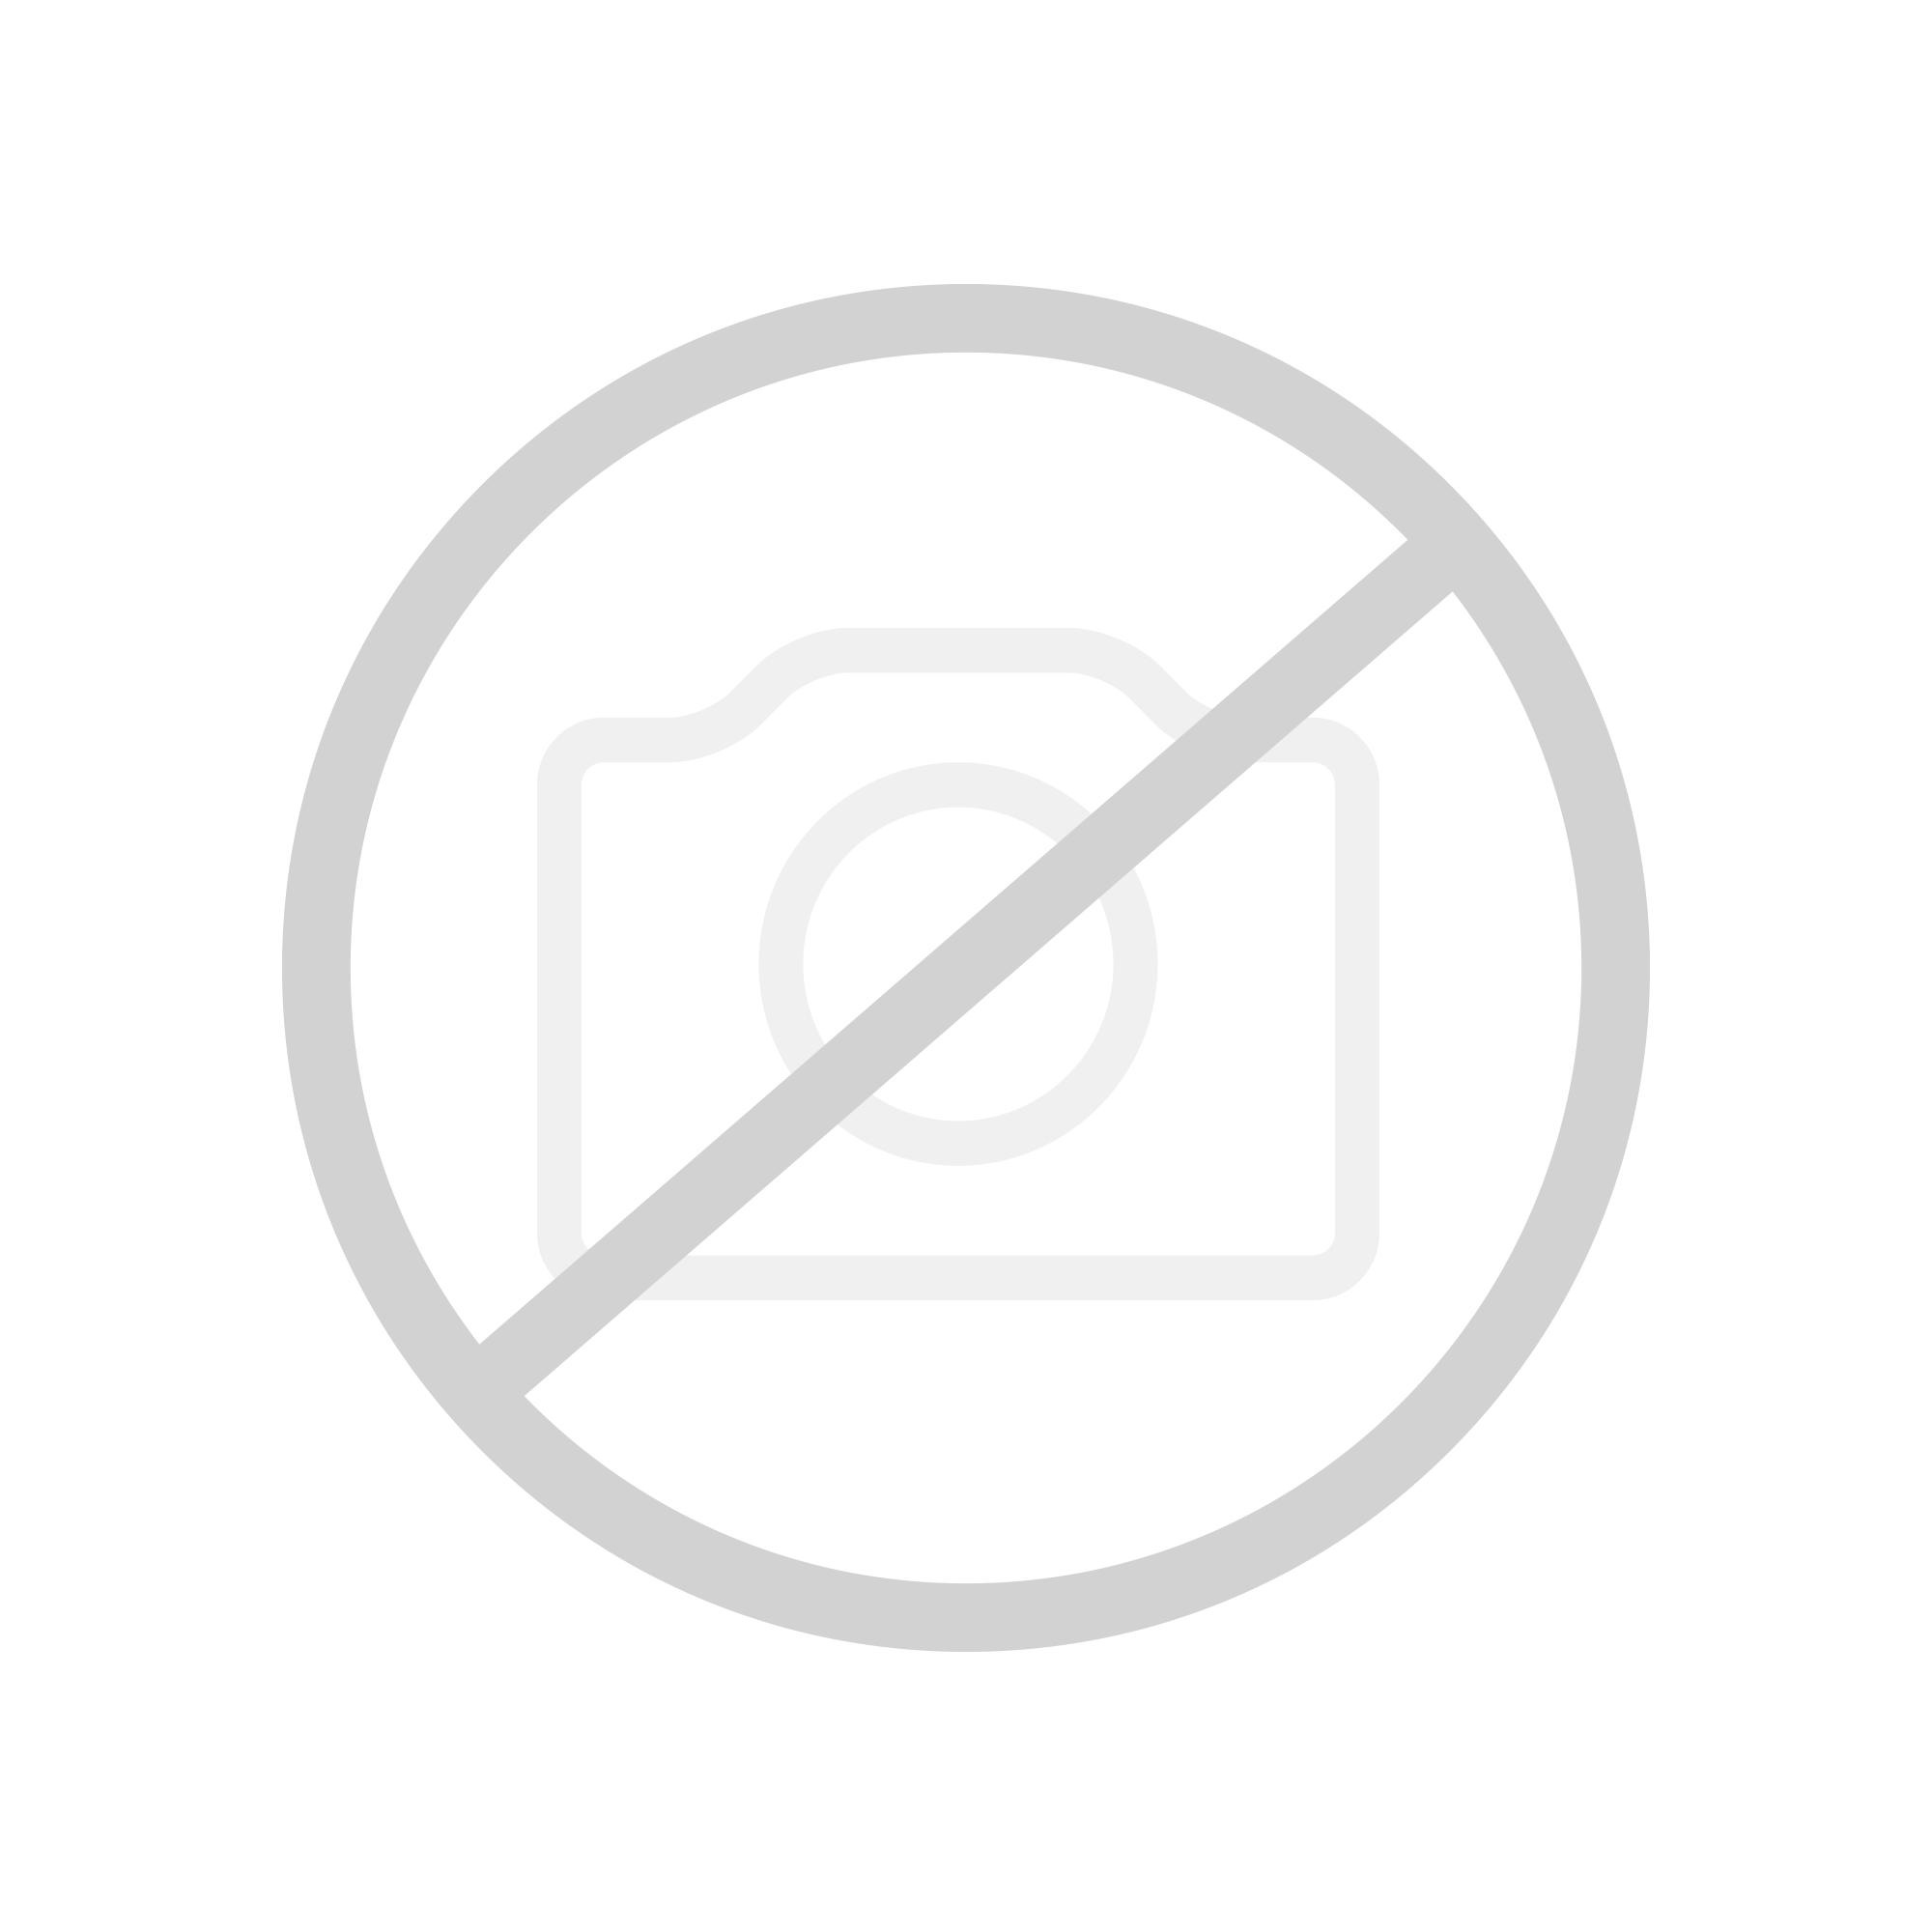 Grohe Eurocube Einhand-Waschtischbatterie mit Ablaufgarnitur, DN 15